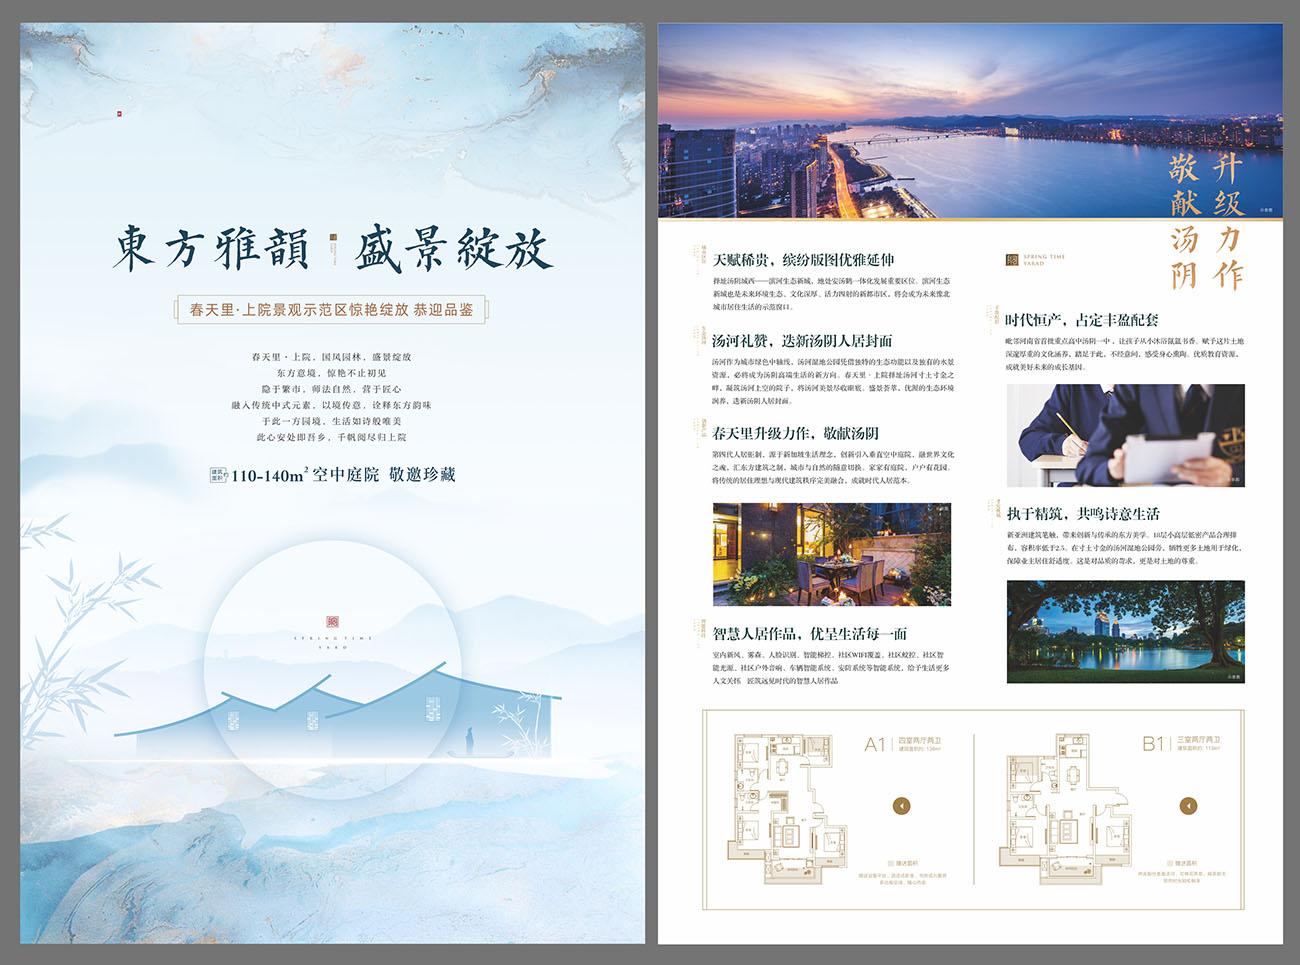 新中式空中庭院景观示范区开放宣传DM海报CDR源文件插图